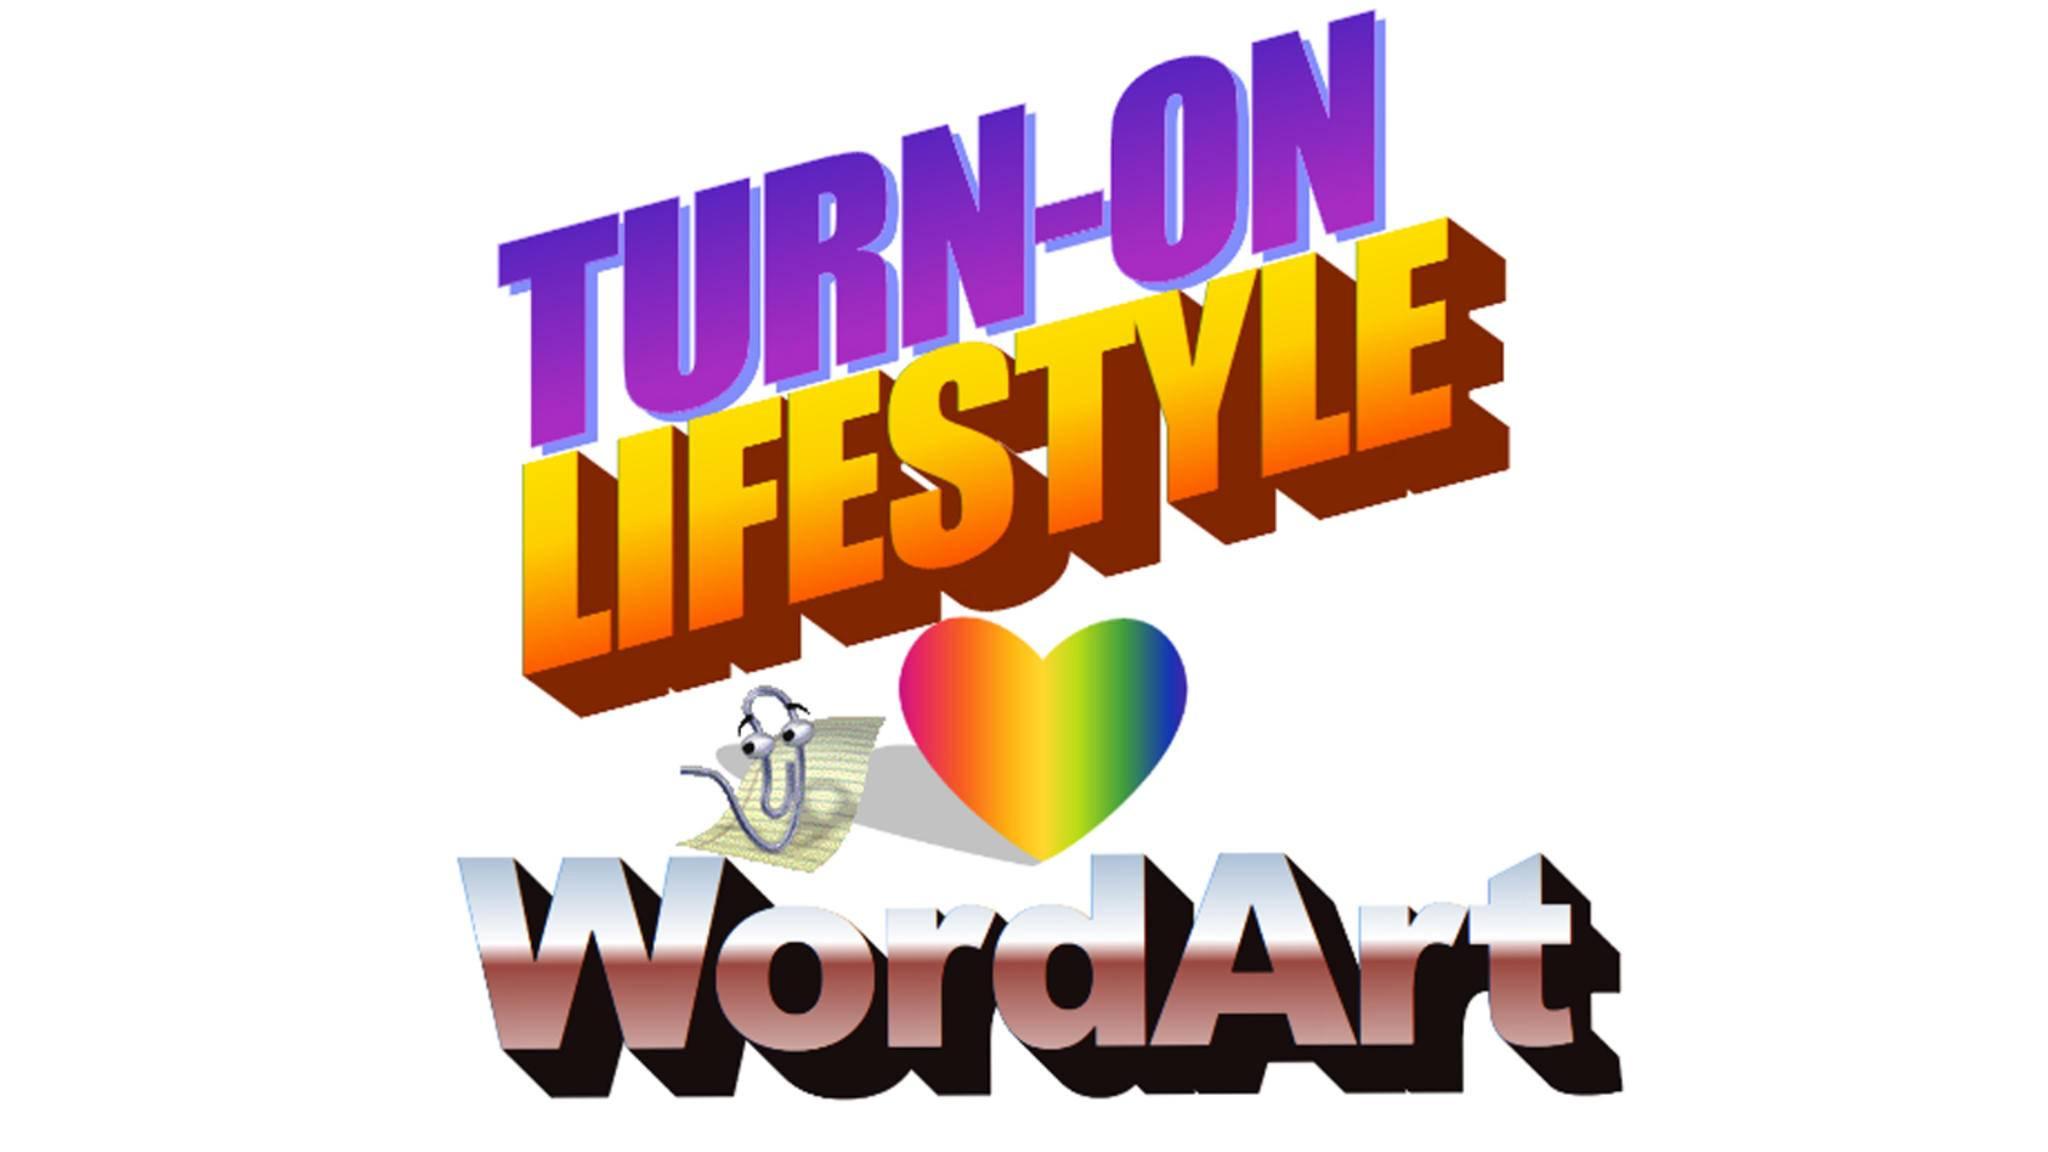 Makewordart.com sorgt für Nostalgieflashs. Wir haben da mal was vorbereitet.